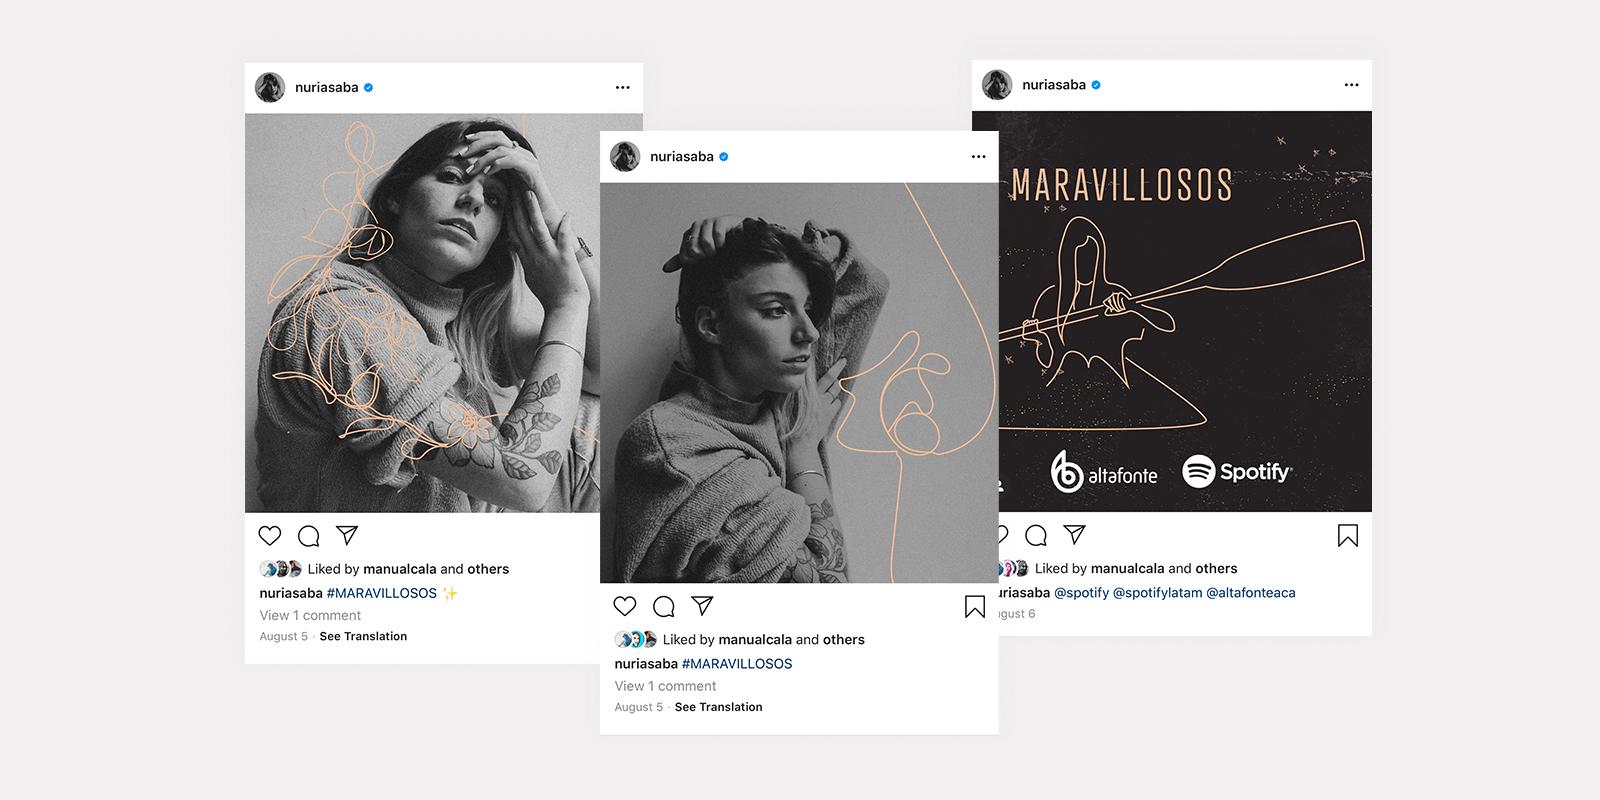 instagram screenshots of posts